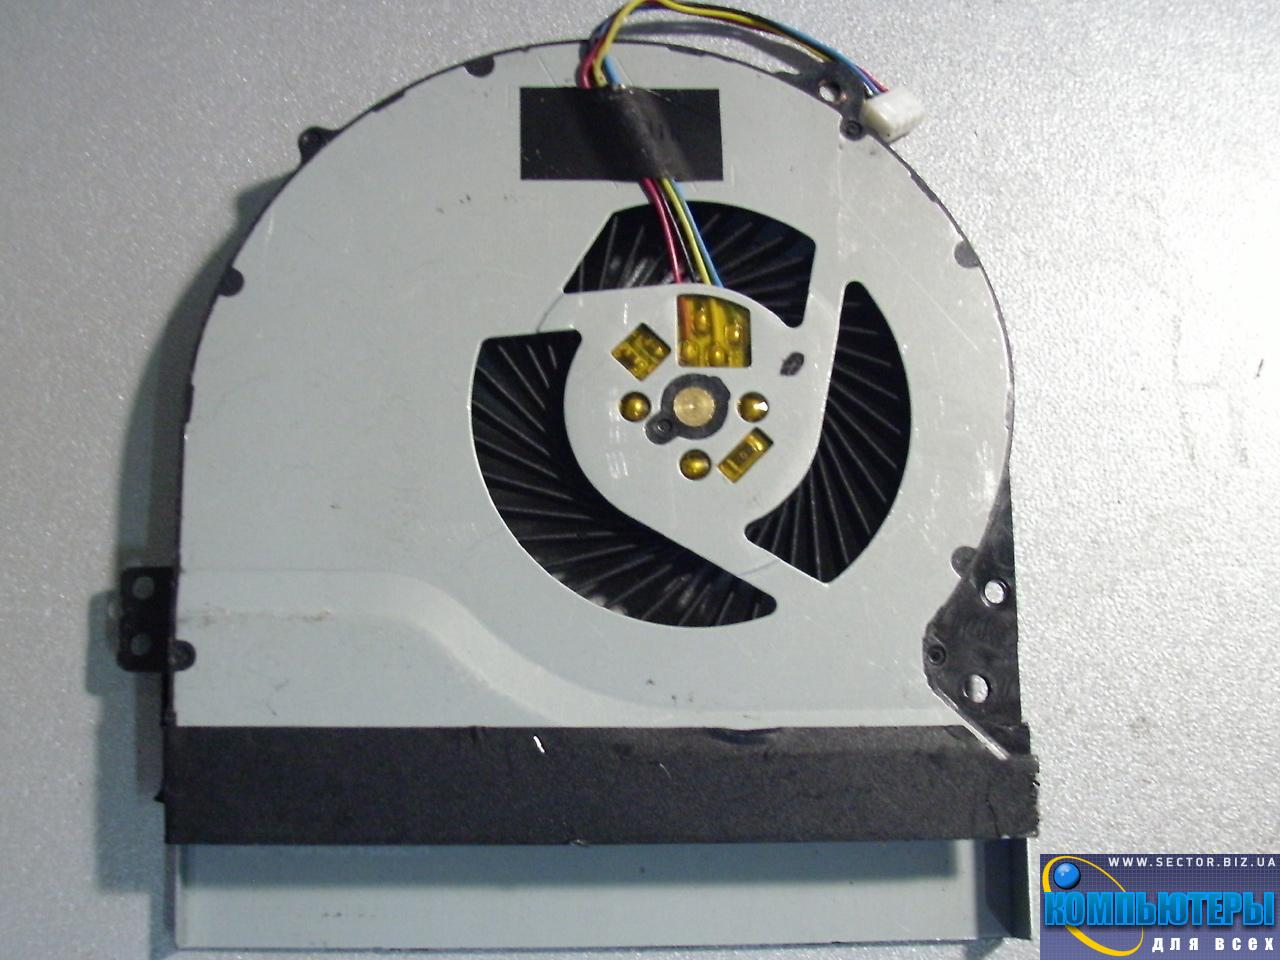 Кулер к ноутбуку Asus X450 X450CA X550 X550C X550V X550VC p/n: MF75070V1-C090-S9A. Фото № 4.